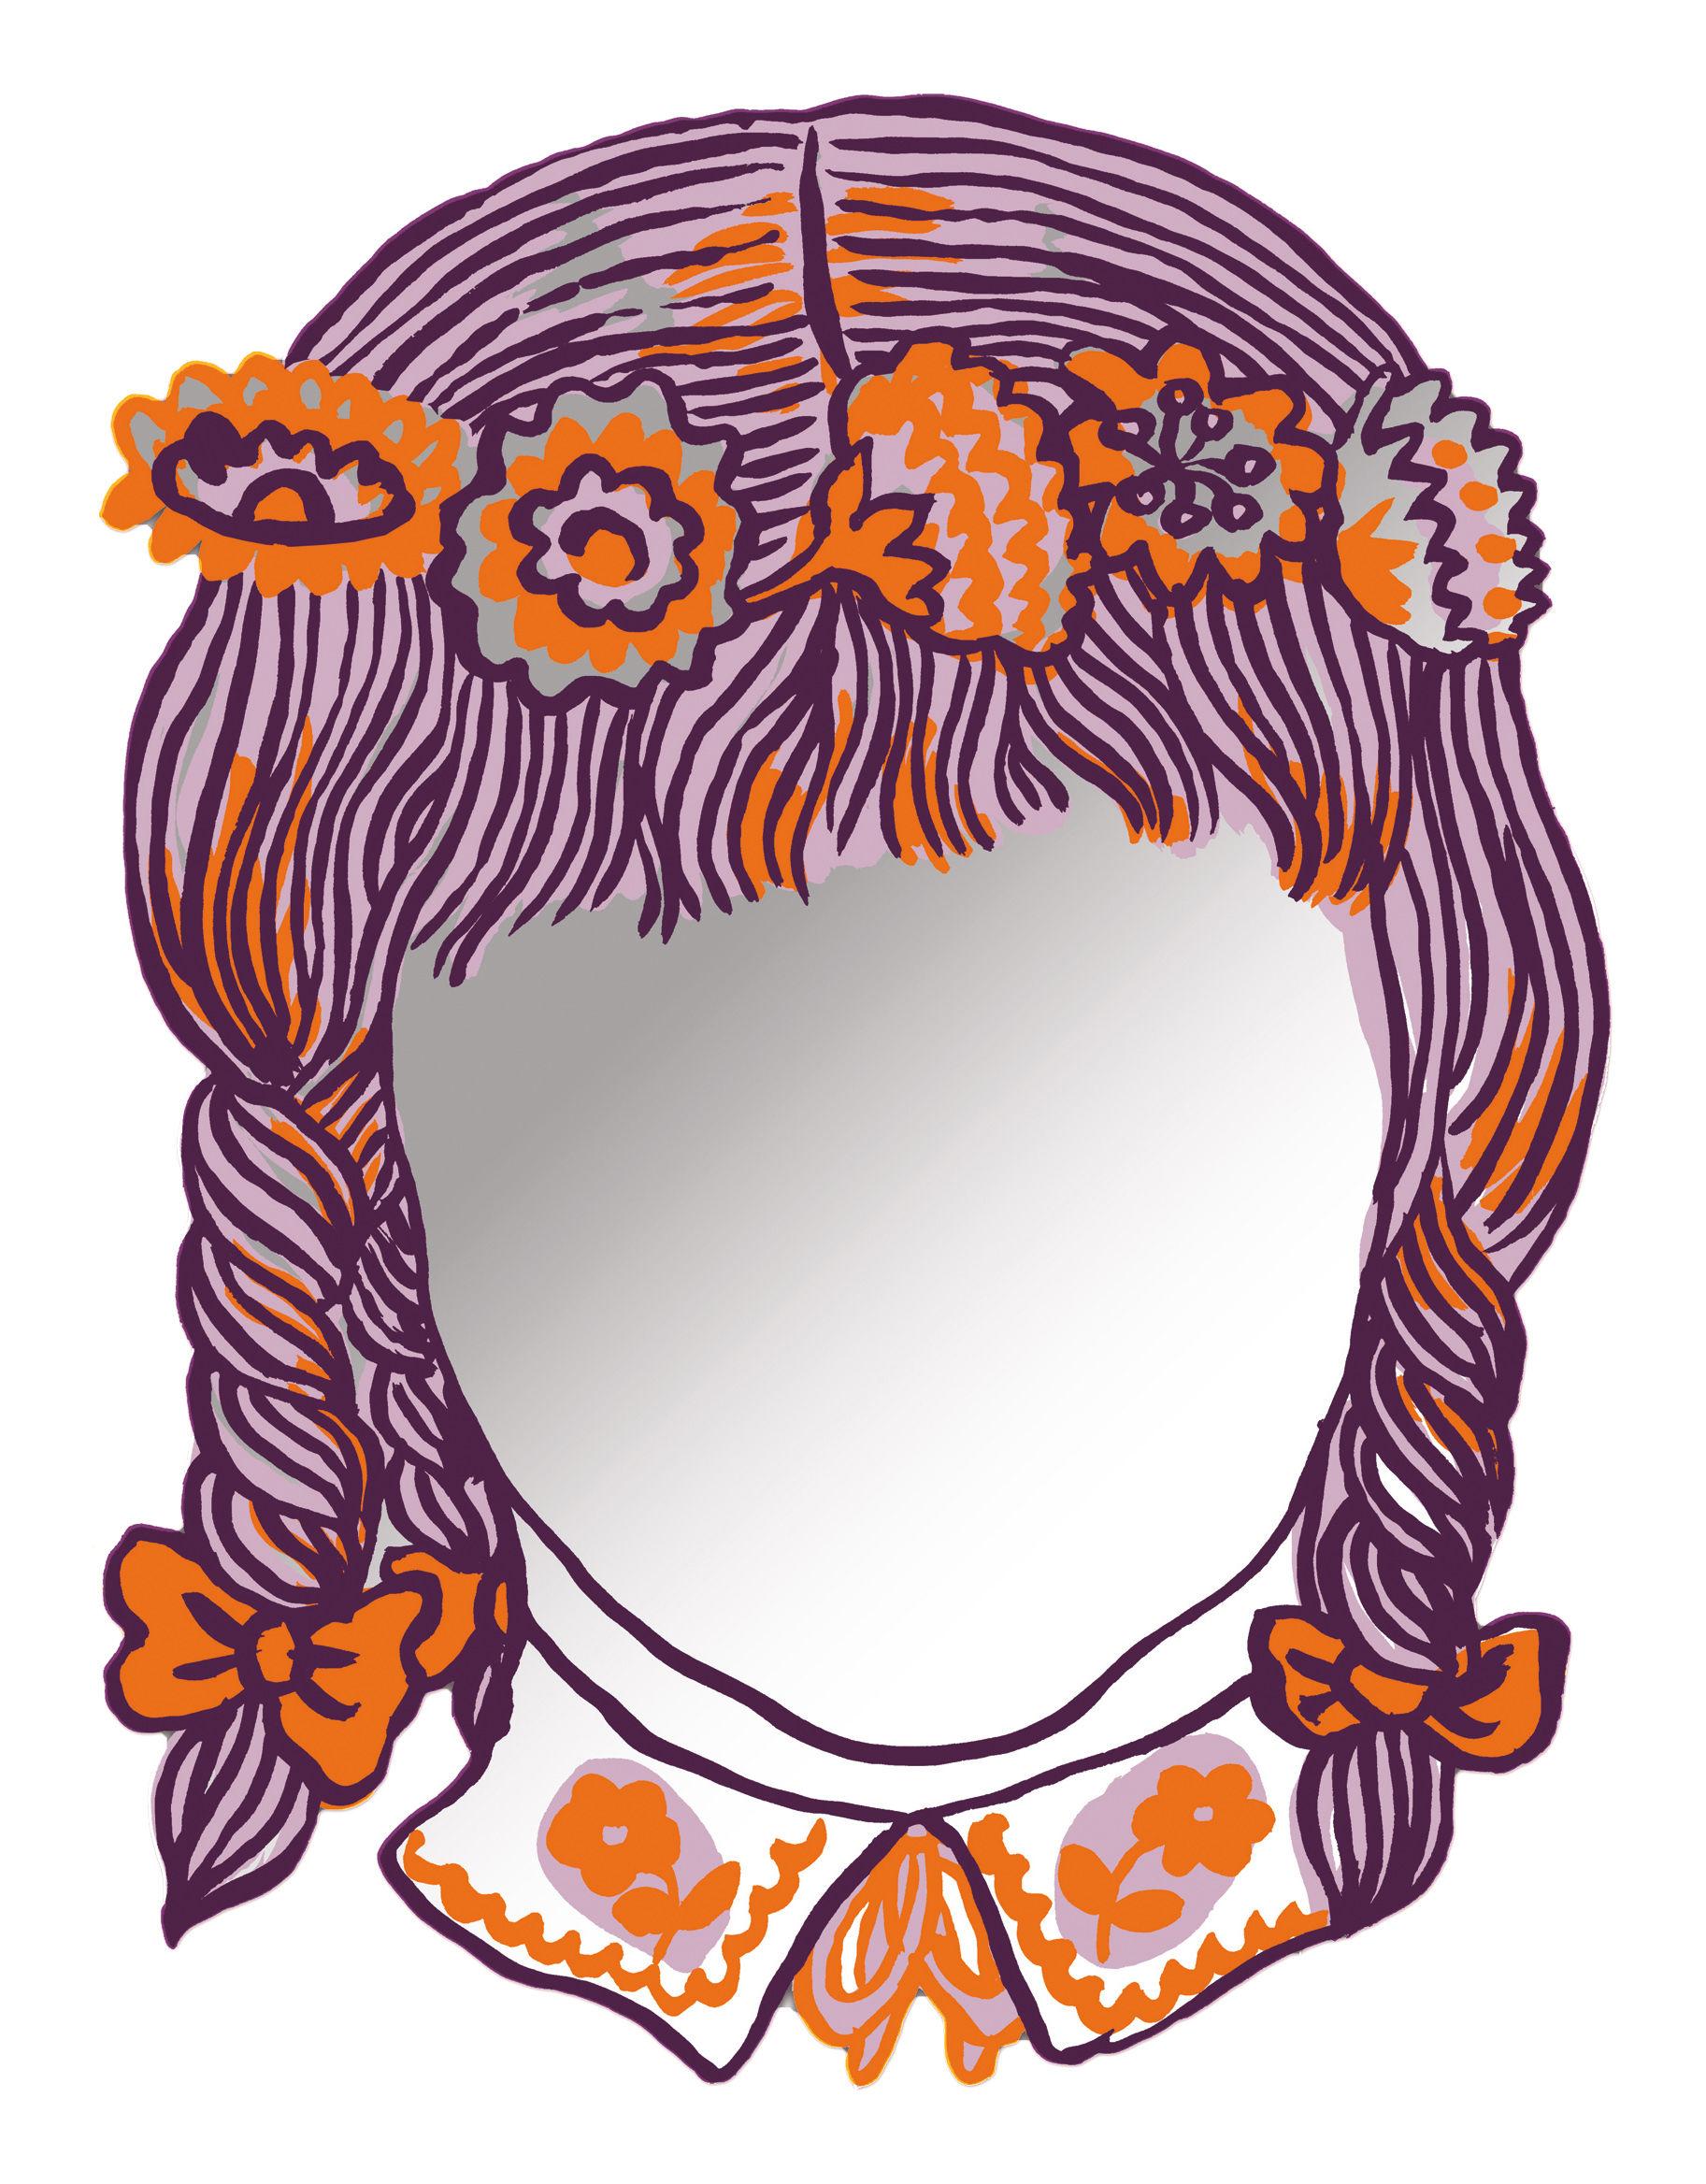 Mobilier - Miroirs - Miroir autocollant Fille / 42 x 31 cm - Domestic - Fille - Perspex